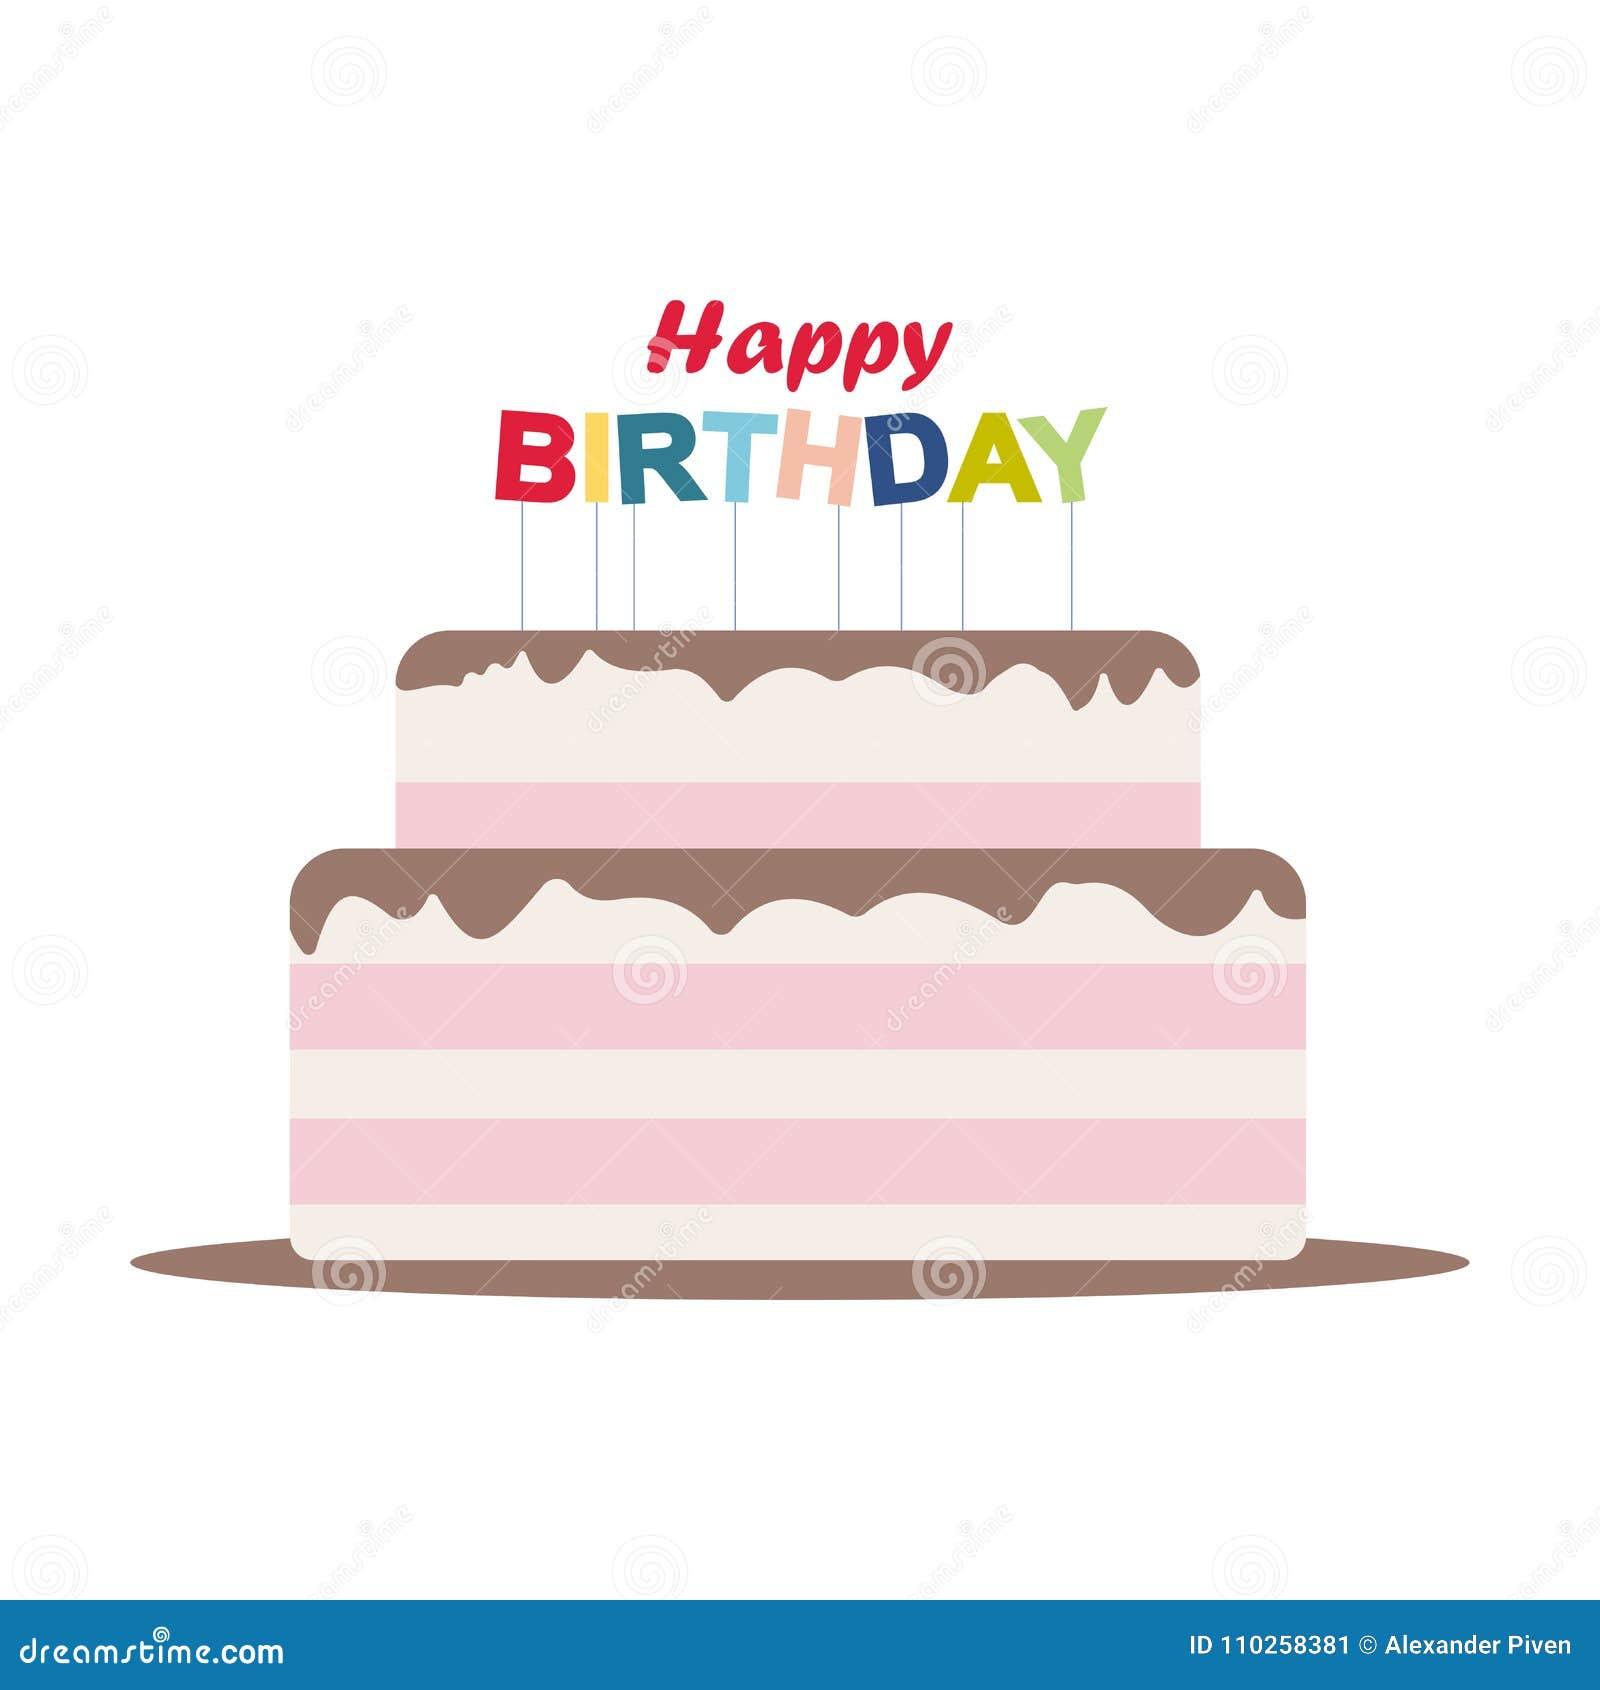 Birthday Cake Happy Birthday Cake Card Birthday Party Elements